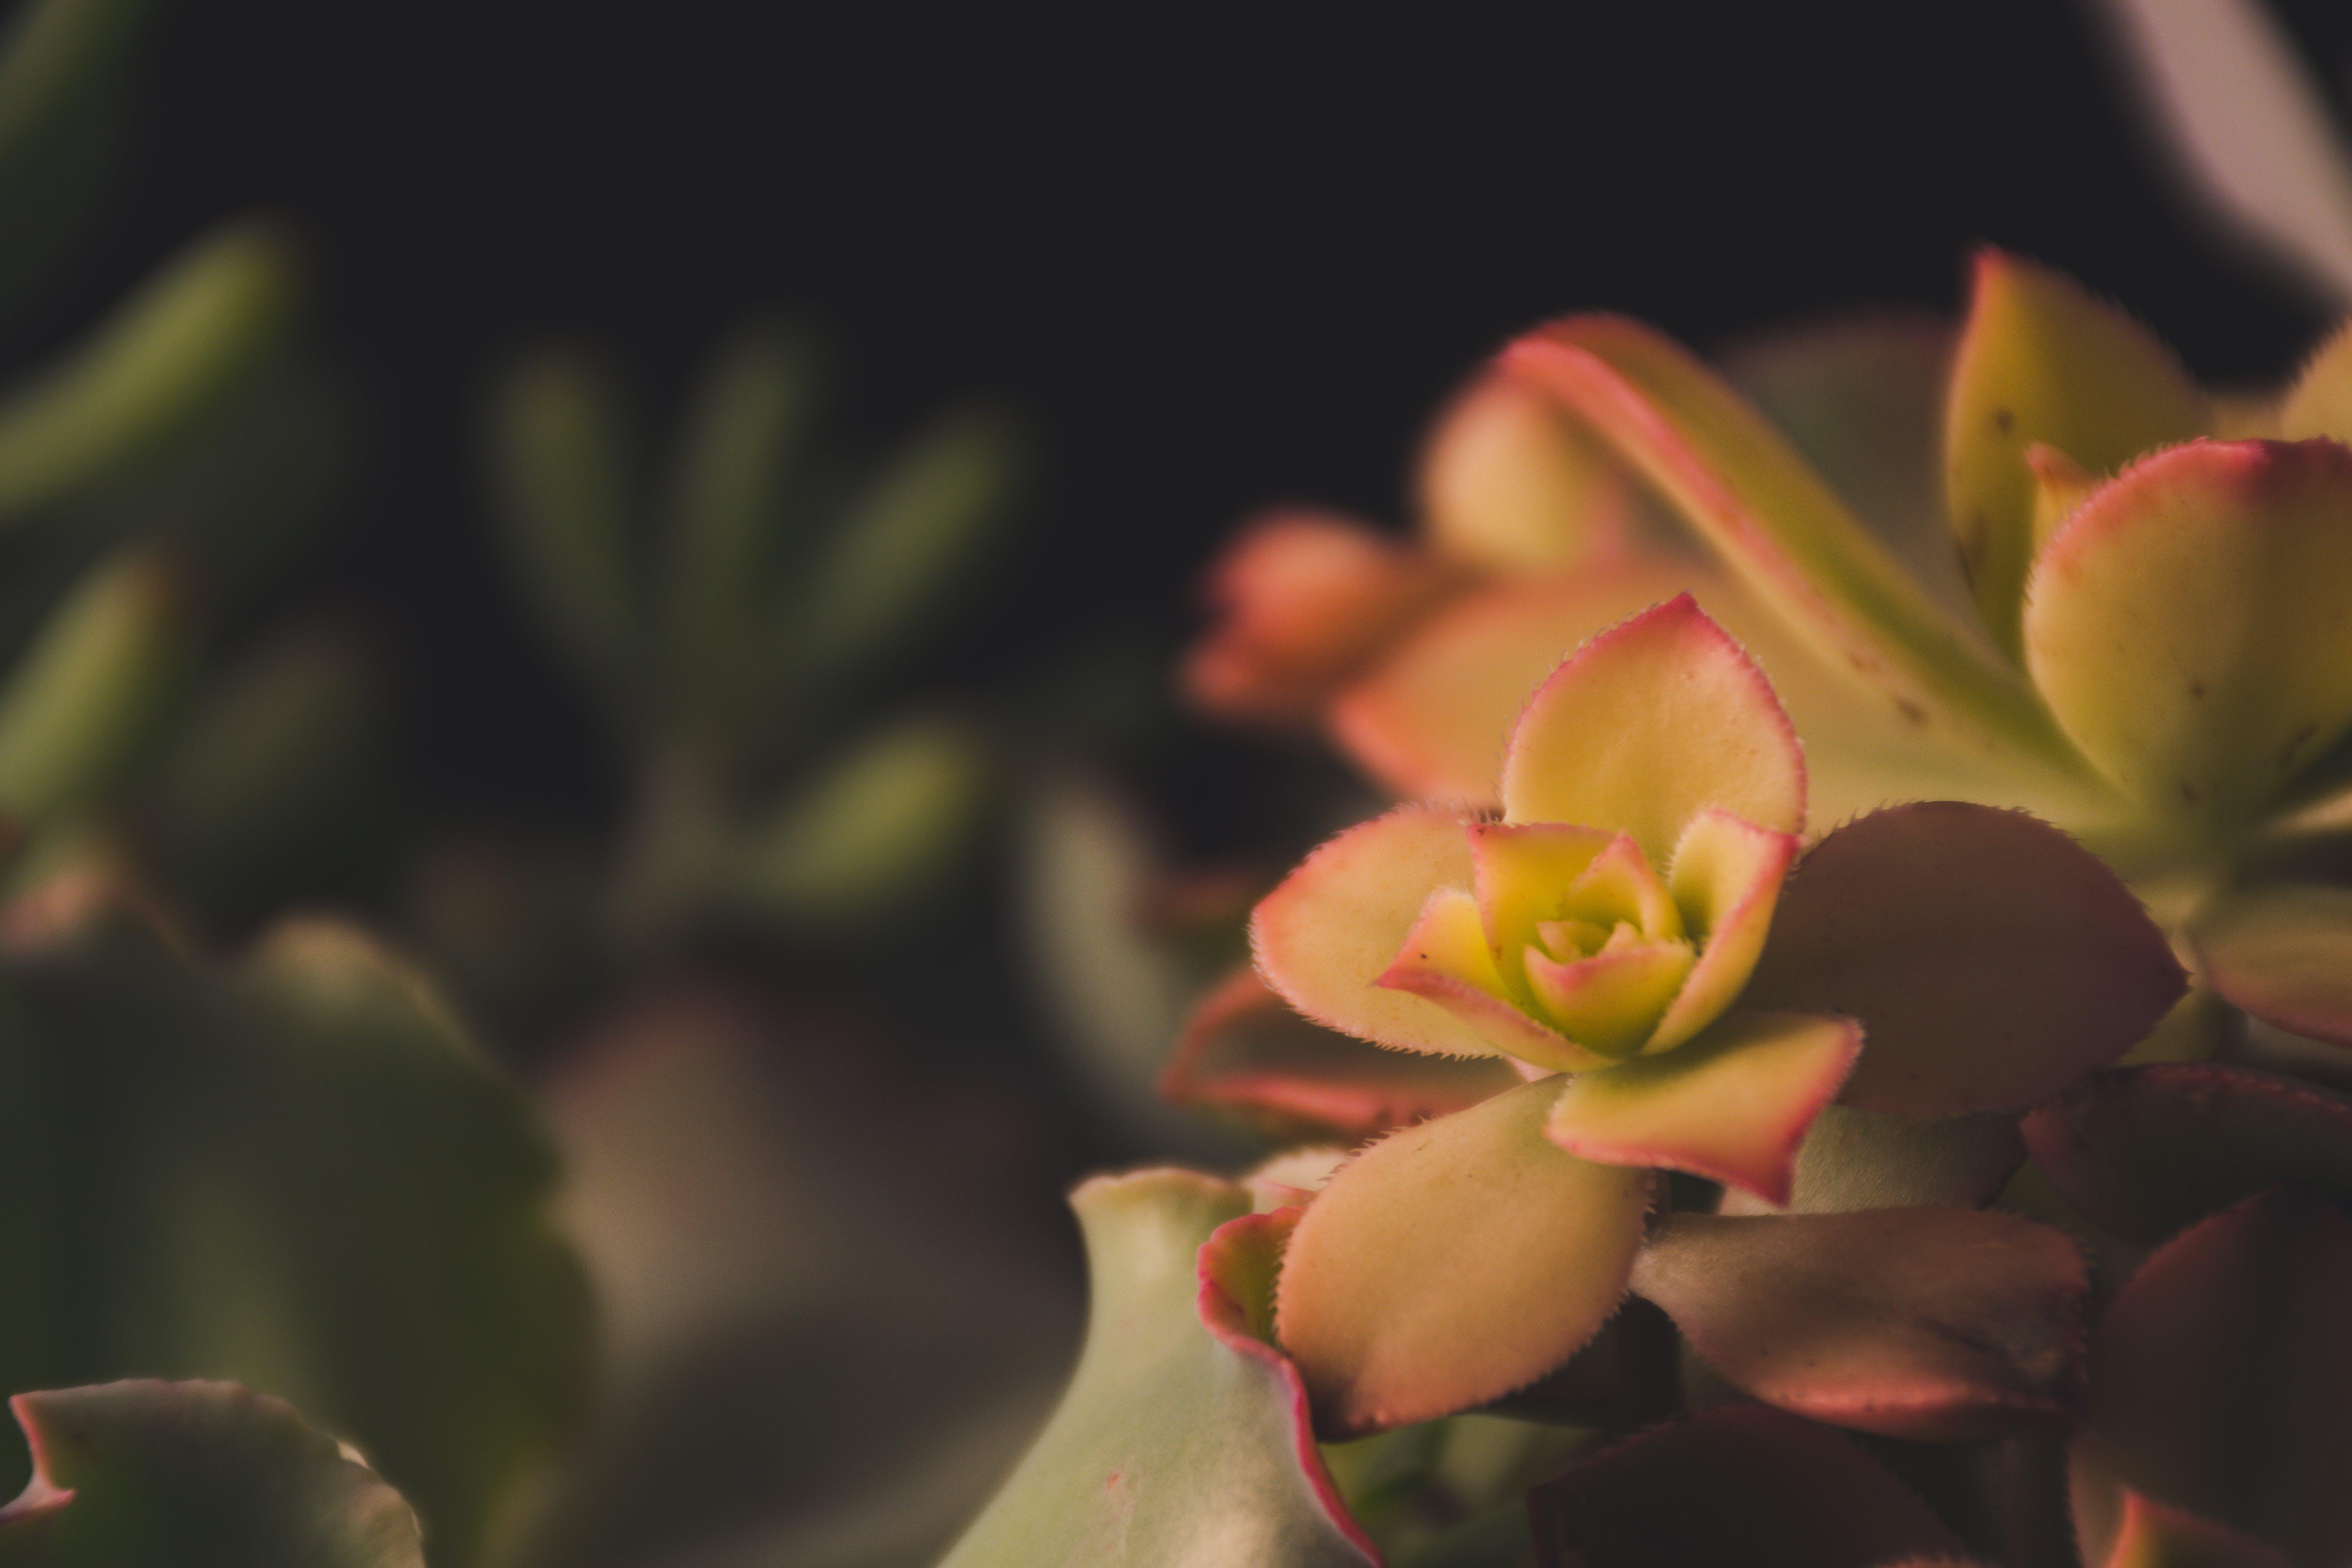 blomst, blomstrende, Botanisk